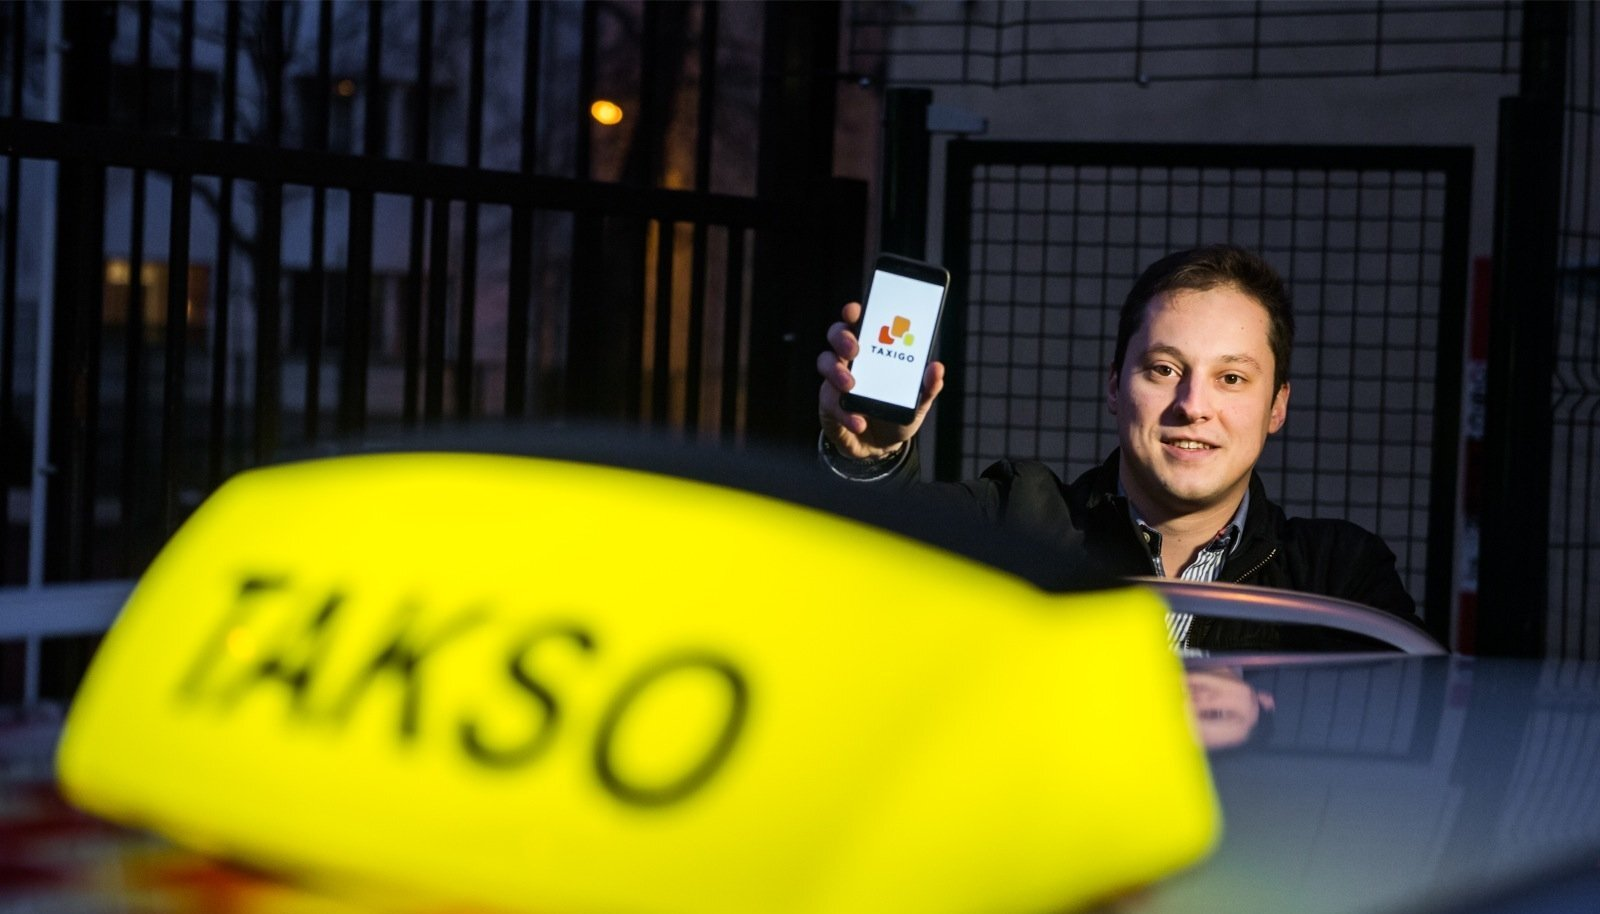 Eduard Dubrovski ehitas üles Raadiotakso, kuid on end nüüd sellest ettevõttest taandanud. Dubrovski rõhutab, et tegu pole taksofirmade omandis oleva rakendusega.